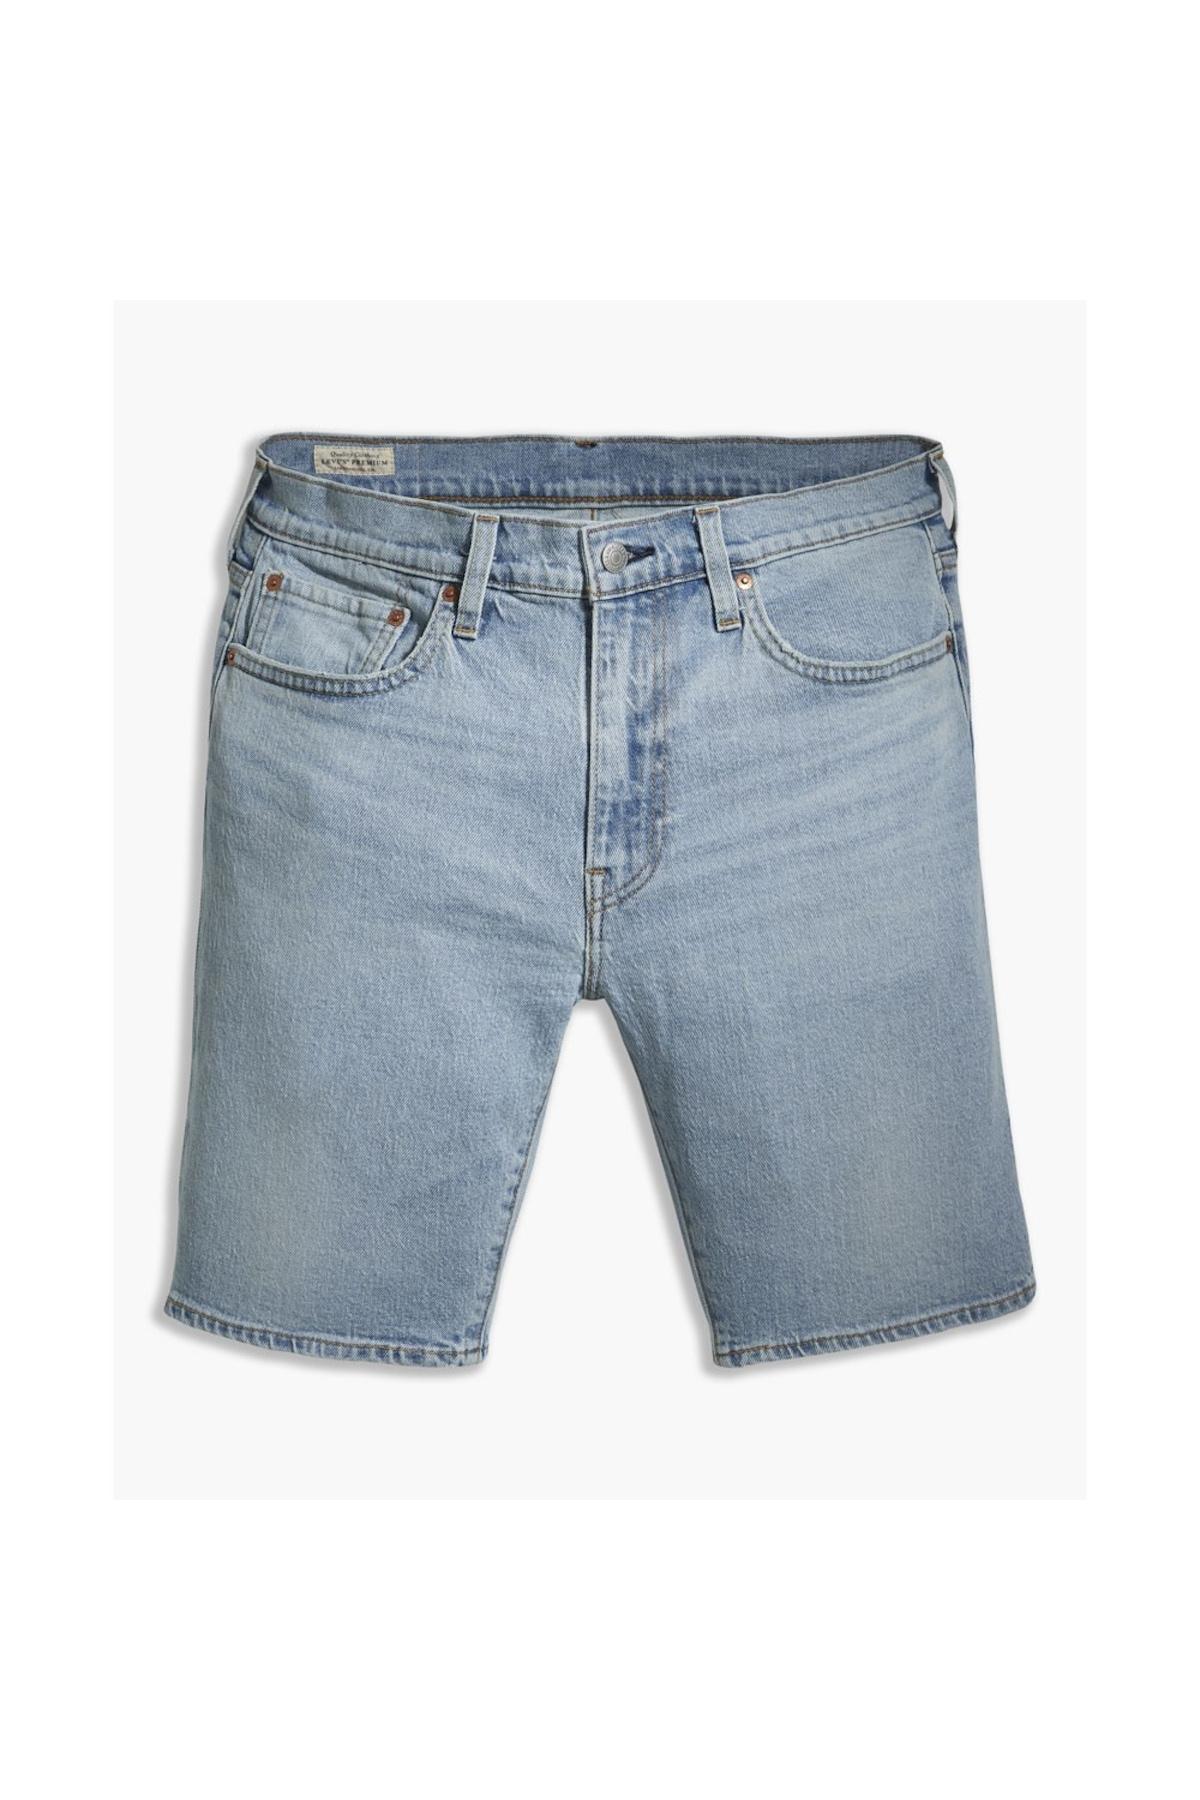 Erkek Pantolonlarındaki Farklılıklar